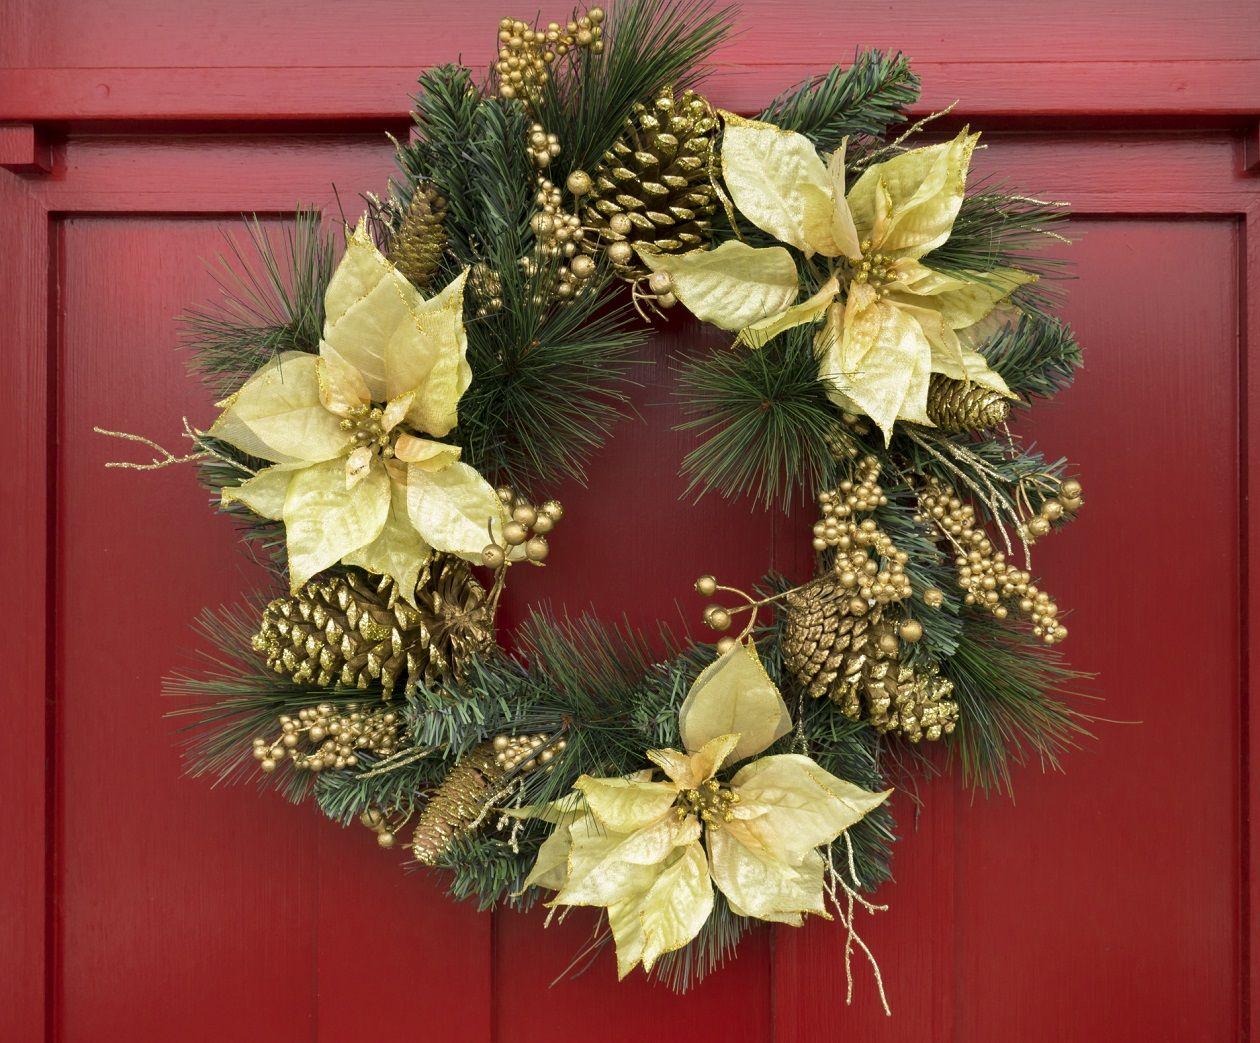 Corona con elementos naturales flor de pascua pi as for Puertas decoradas con guirnaldas